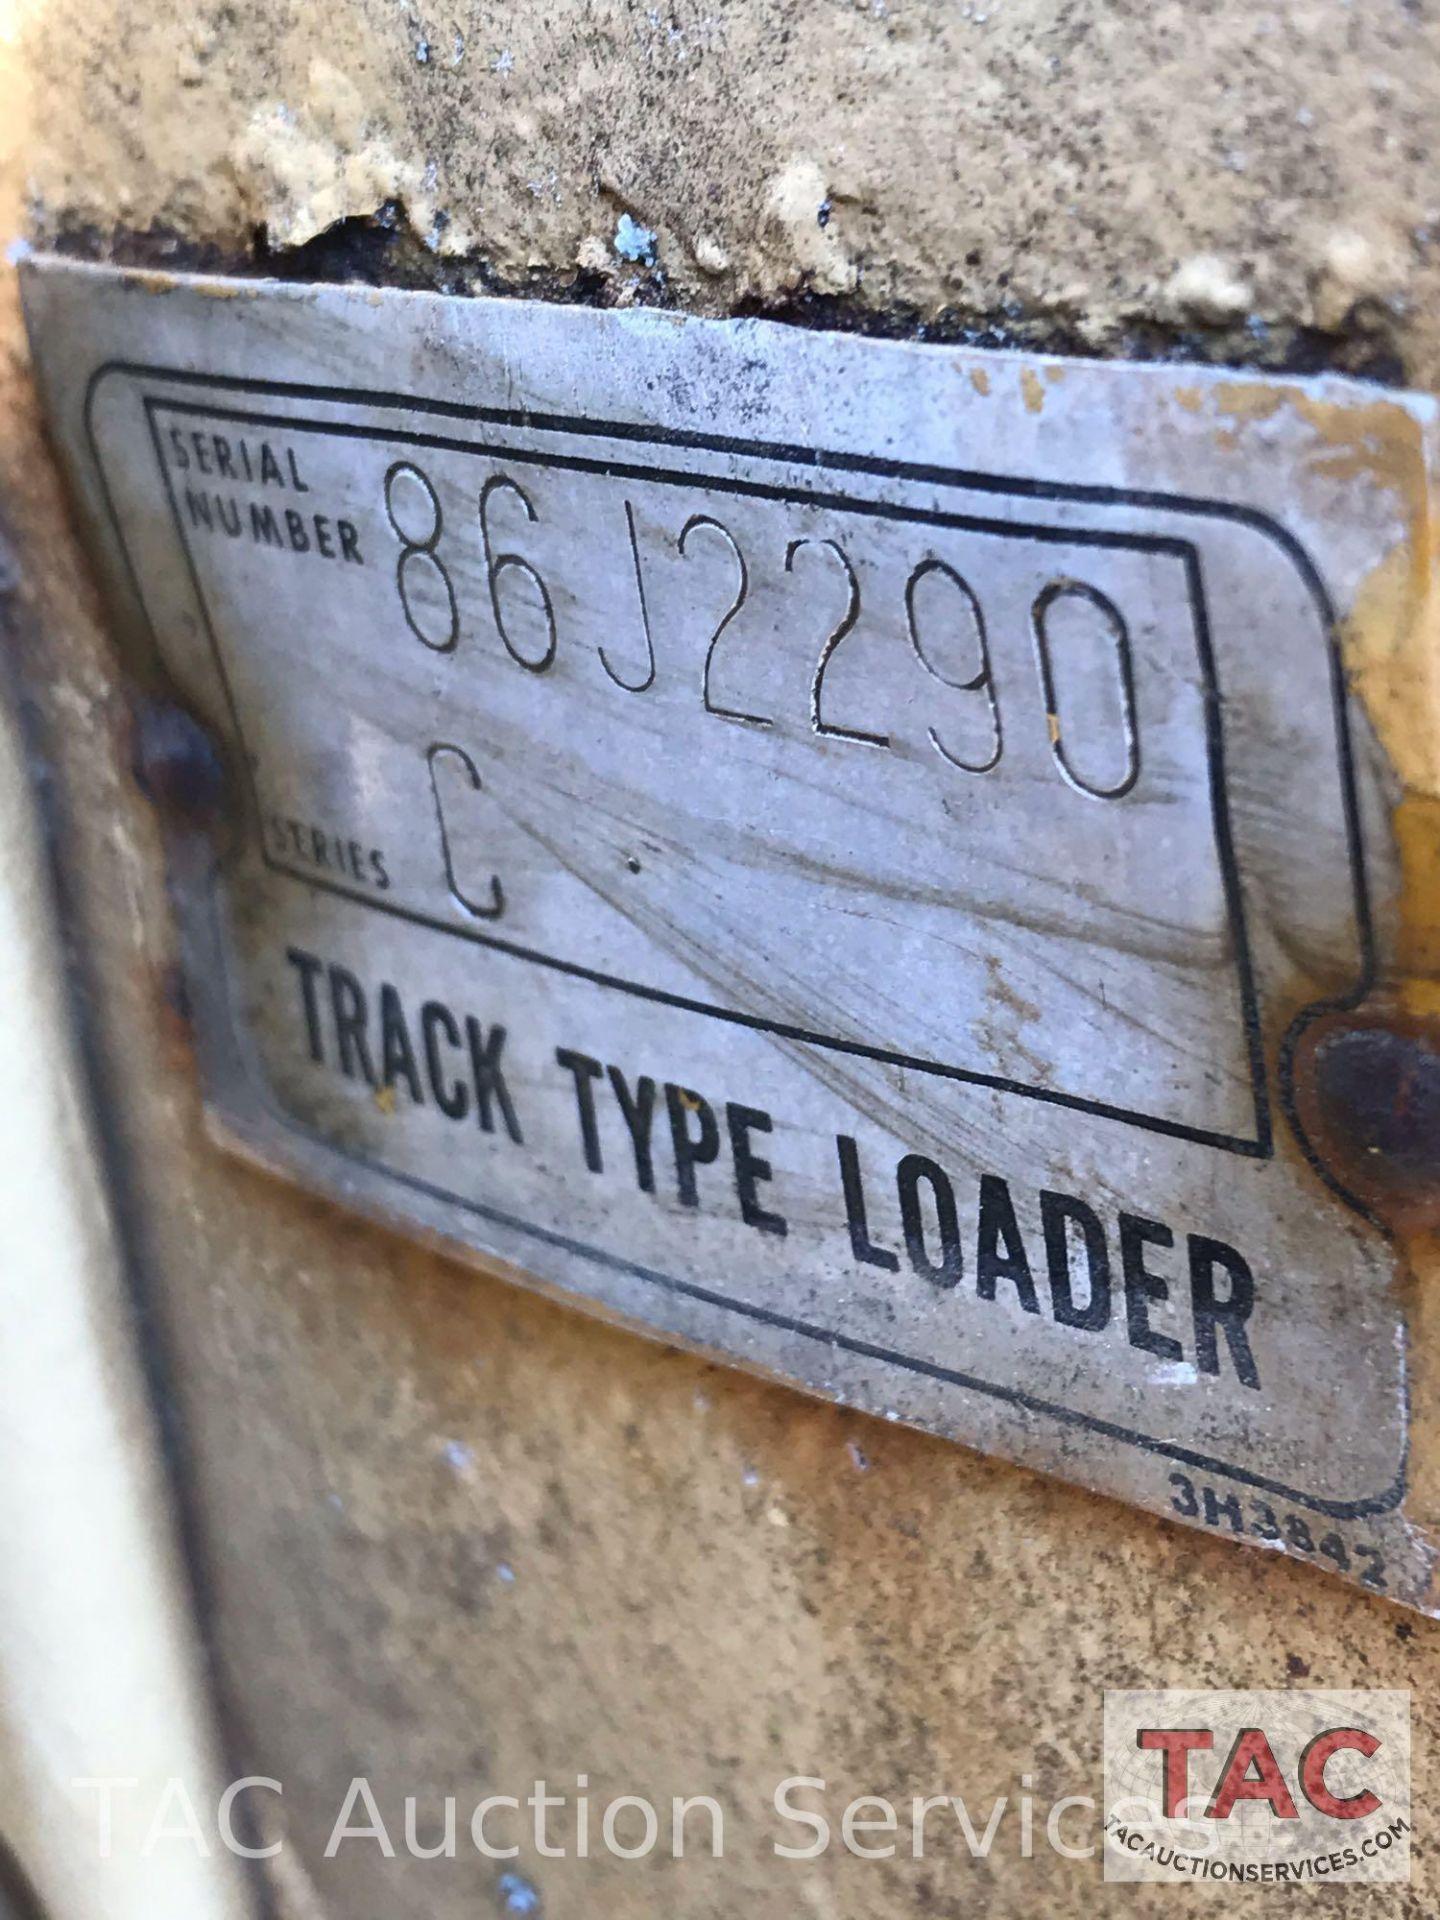 Cat 951c Track Loader - Image 38 of 40